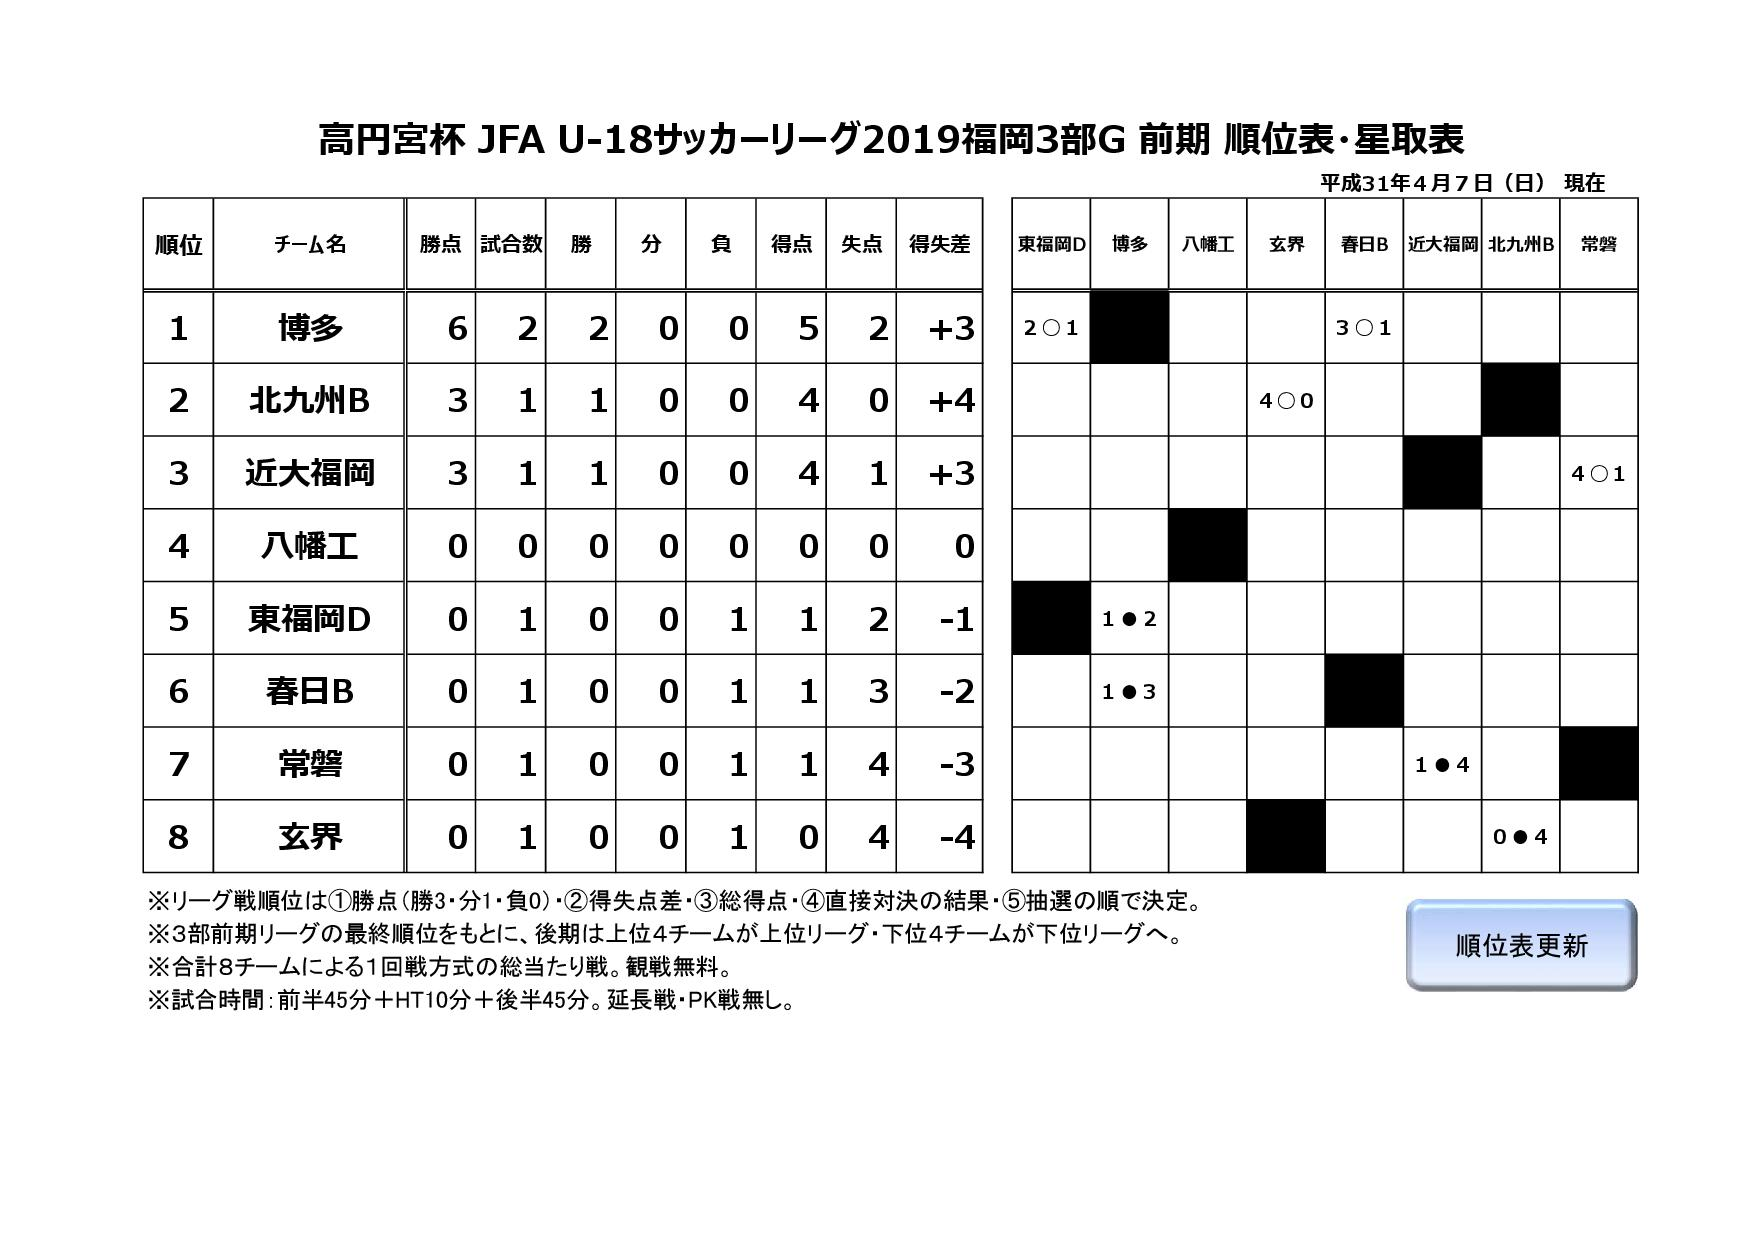 高円宮杯 JFA U-18サッカーリーグ2019福岡3部G